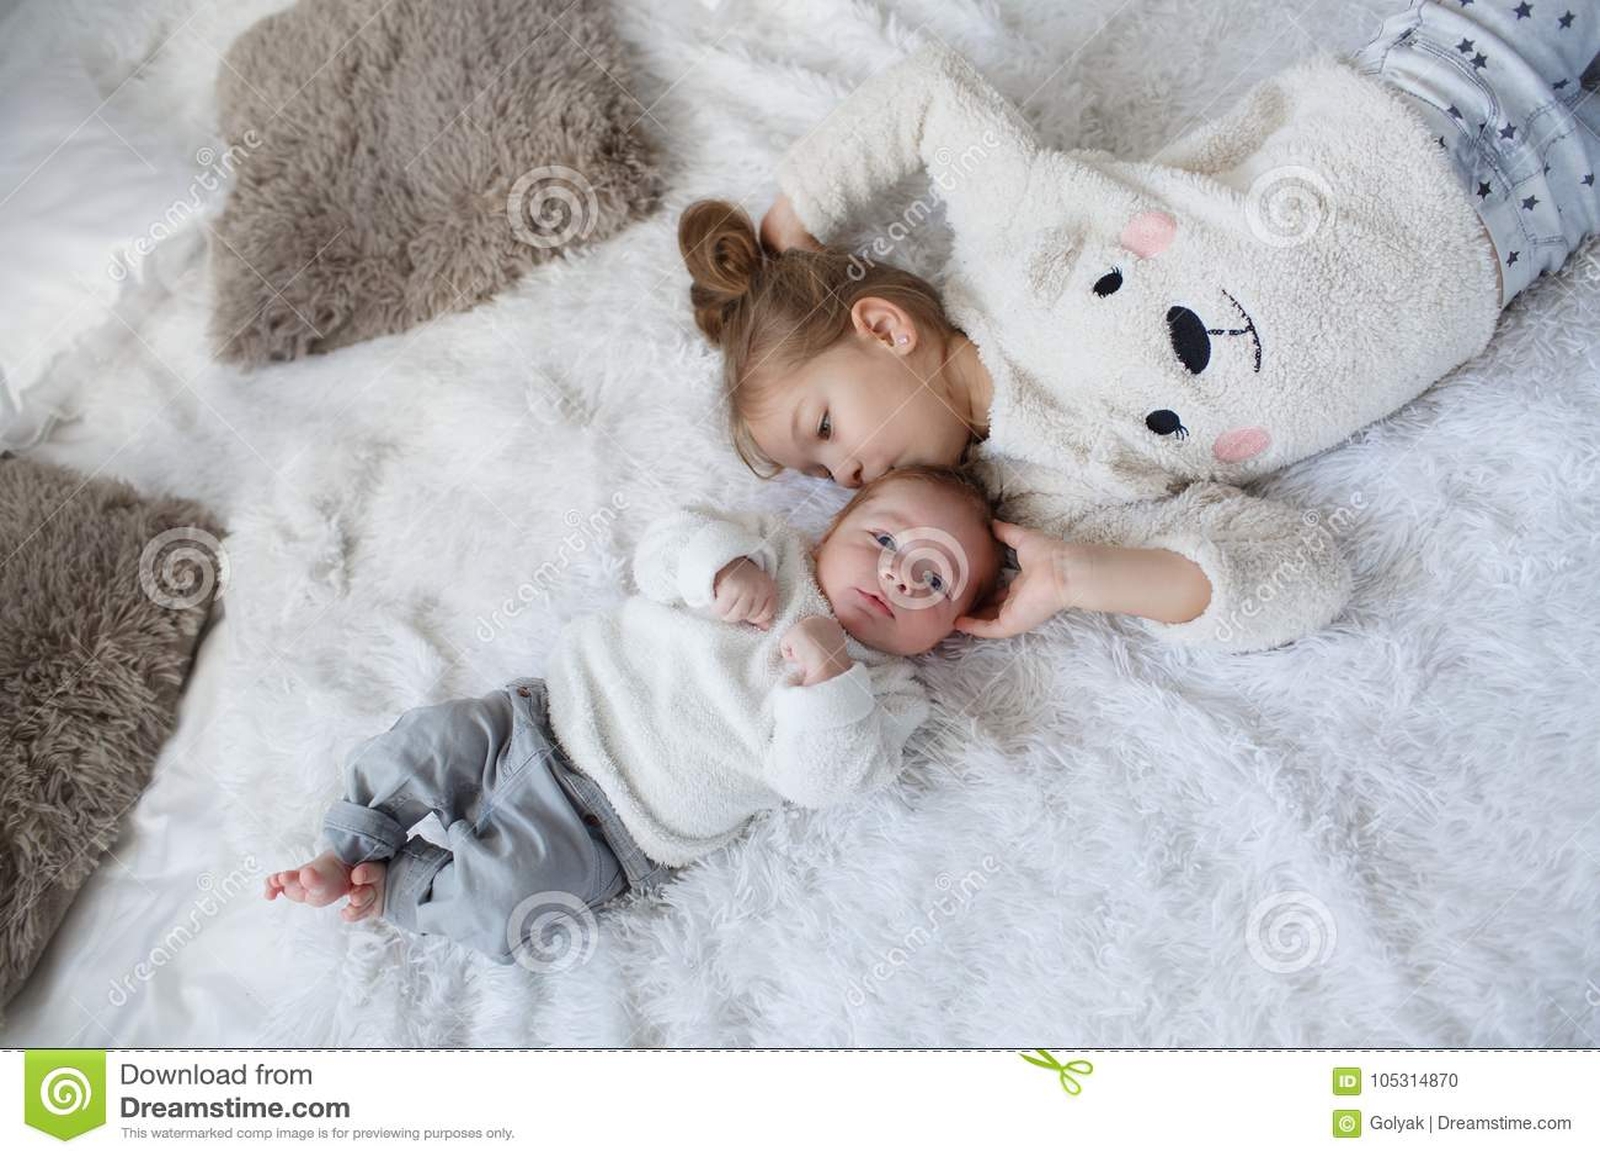 Fille Mignonne Avec Un Frere Nouveau Ne De Bebe Detendant Ensemble